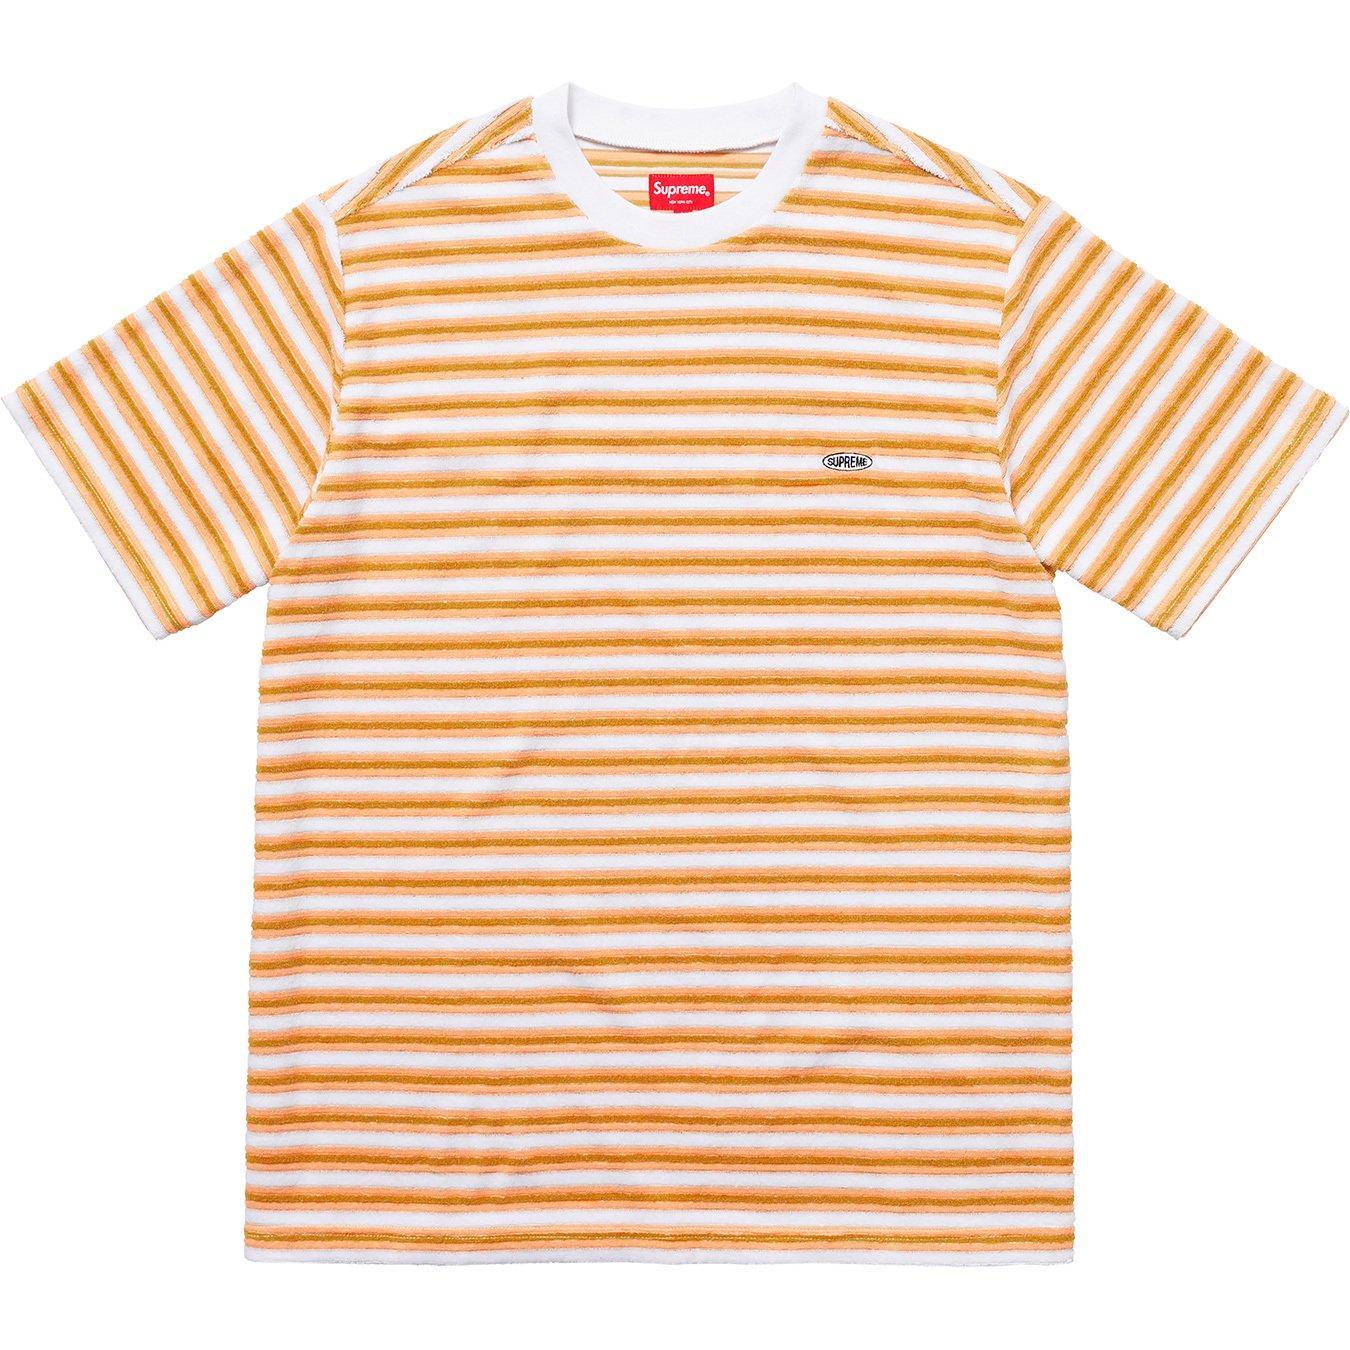 49b9da3c5278 Supreme Multi Stripe Terry Tee White in White for Men - Lyst